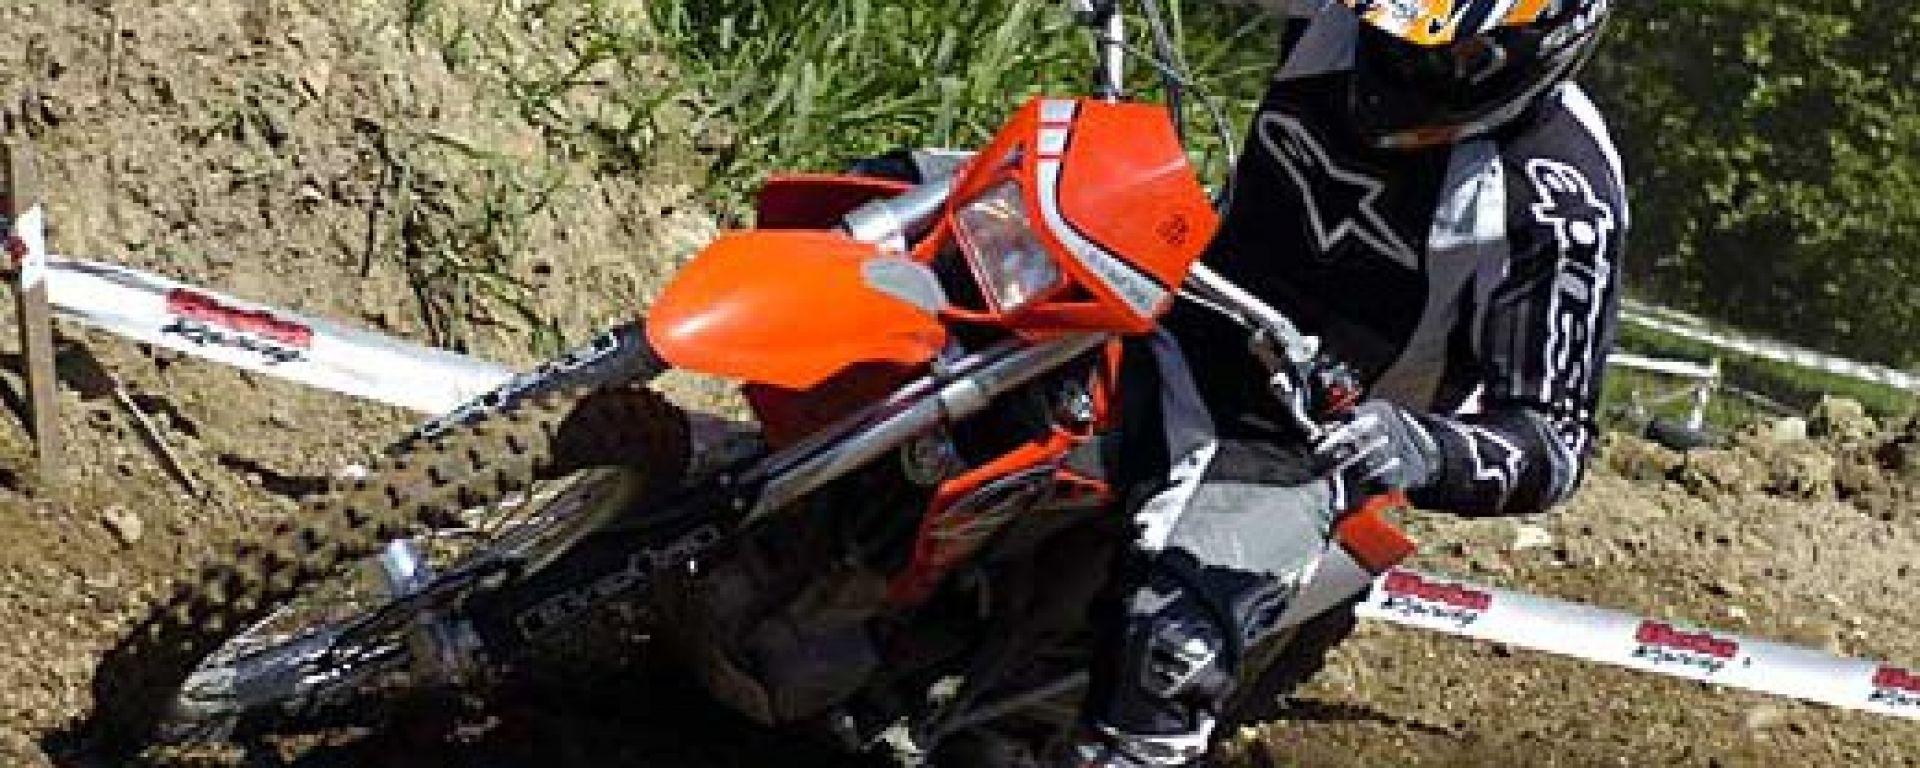 Beta Enduro 2006